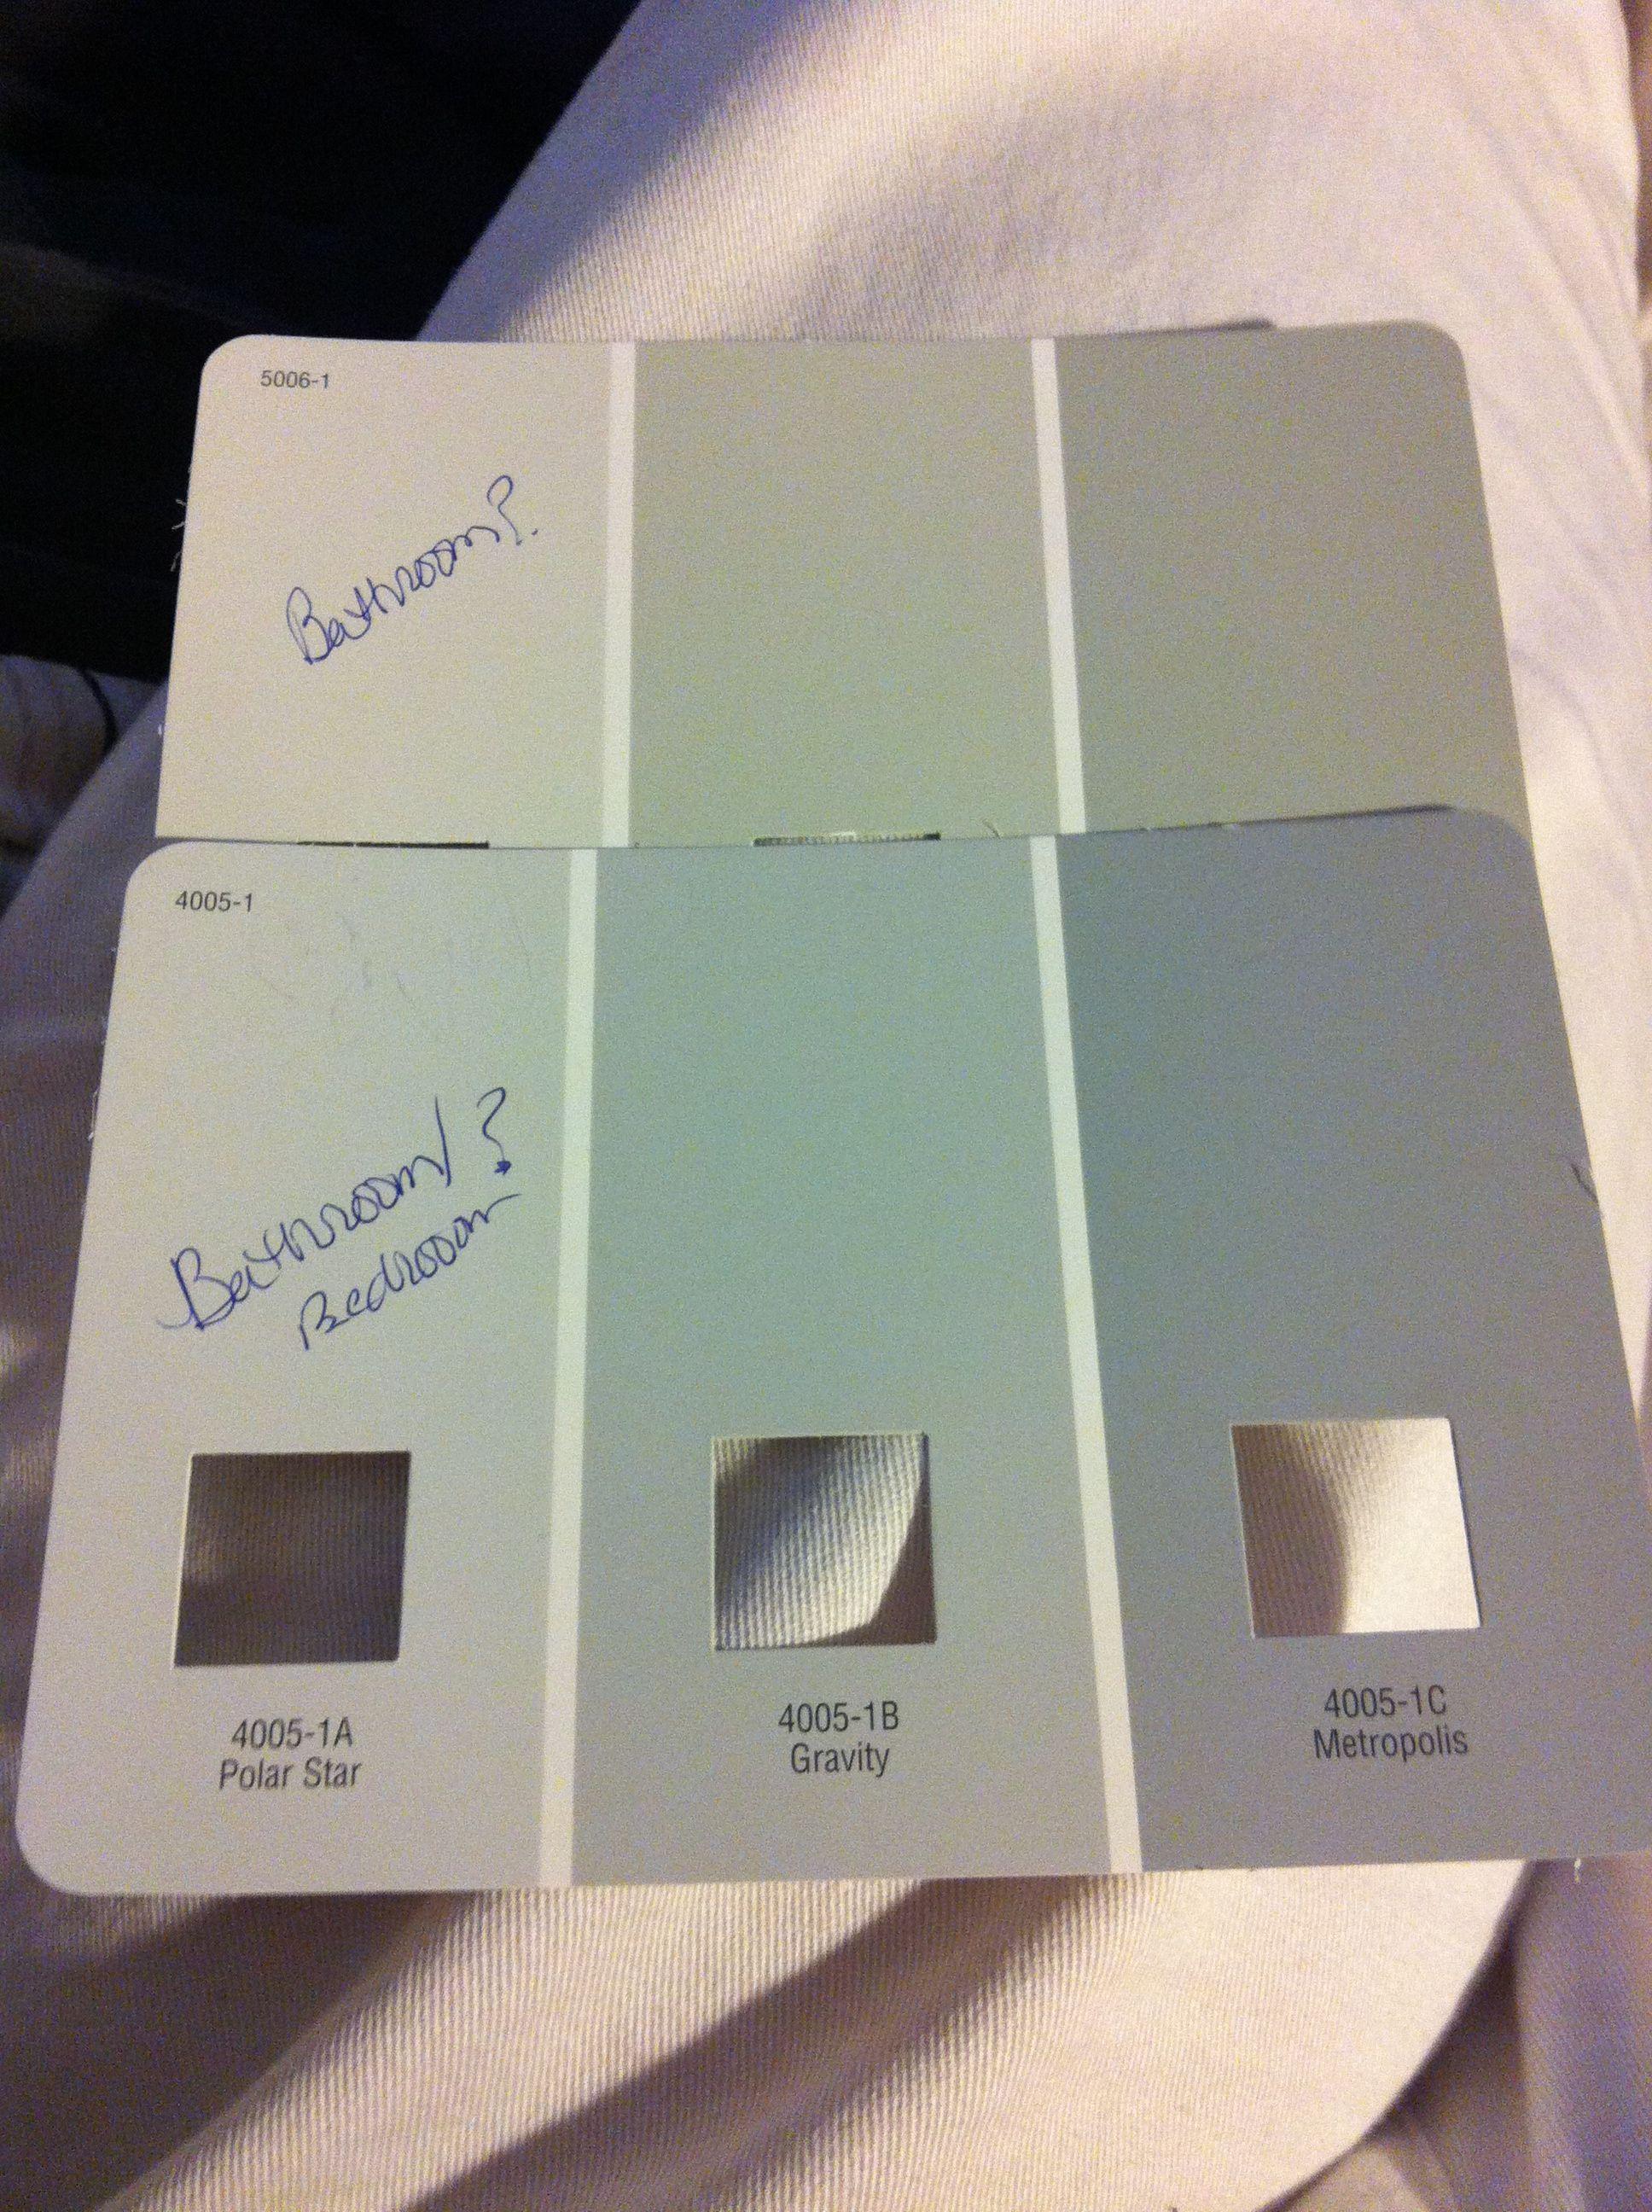 possible paint colors valspar polar star u0026 gravity for the